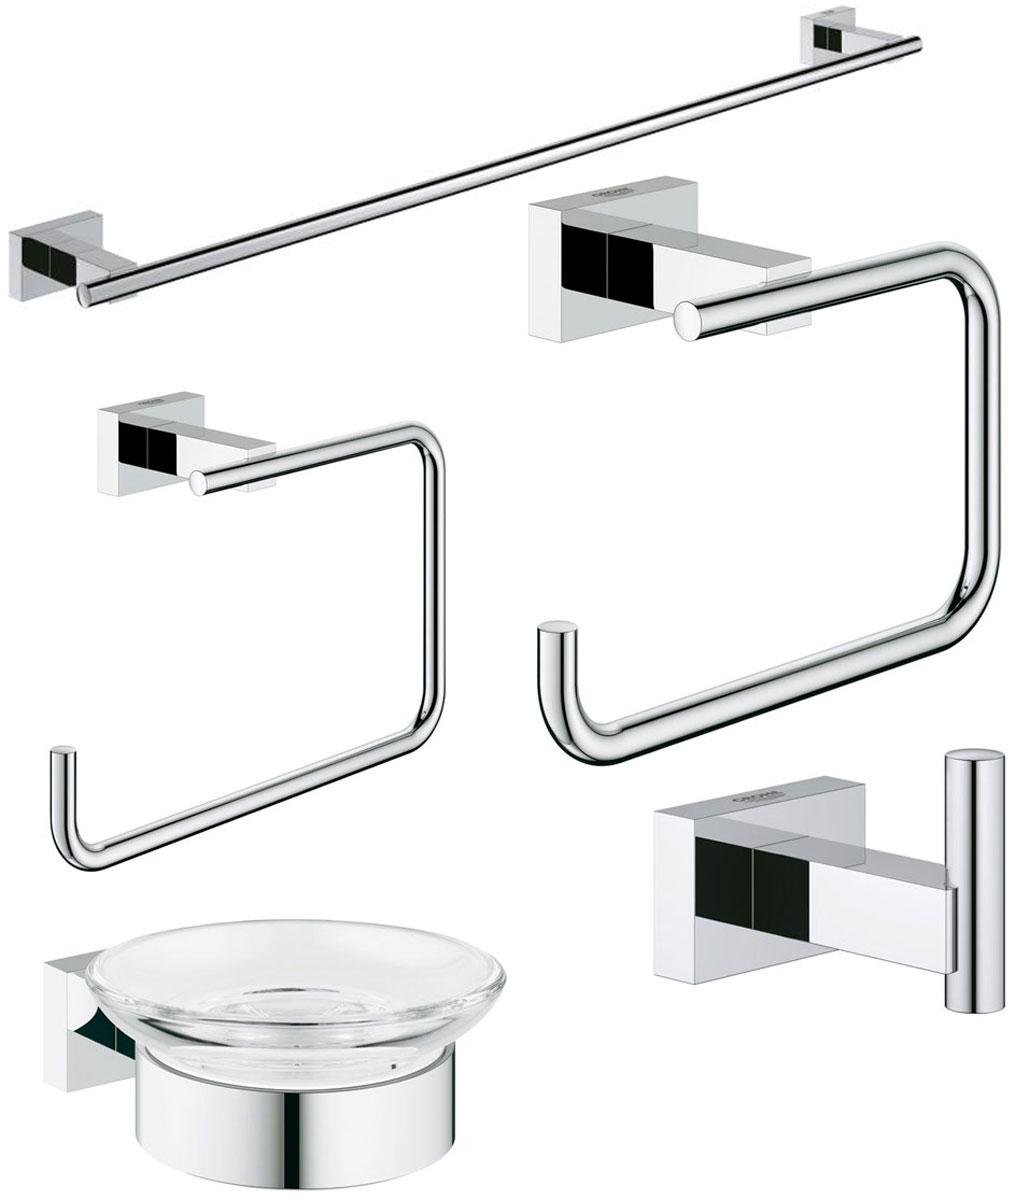 Набор аксессуаров для ванной комнаты Grohe Essentials Cube, 5 предметов40758001Набор аксессуаров для ванной комнаты Grohe Essentials Cube включает мыльницу с держателем, держатель для банного полотенца, держатель туалетной бумаги, крючок для банного халата и кольцо для полотенца. Набор очень практичен и функционален. Изделия выполнены из металла с хромированным покрытием. Благодаря специальной технологии Grohe StarLight покрытие обеспечивает сияющий блеск на протяжении всего срока службы. Кроме того, оно отталкивает грязь, не тускнеет и обладает высокой степенью износостойкости. Аксессуары крепятся к стене (крепежные элементы поставляются в комплекте). Крепление скрытое.Благодаря неизменно актуальному дизайну и долговечному хромированному покрытию, такой набор отлично дополнит интерьер ванной комнаты, воплощая собой изысканный стиль и превосходное качество.Размер кольца для полотенец: 19 х 11,5 х 6 см. Размер крючка: 6 х 4 х 4 см. Размер держателя туалетной бумаги: 14 х 9 х 6 см. Диаметр мыльницы: 11 см. Размер мыльницы (с держателем): 12 х 11 х 4,5 см. Длина держателя для банного полотенца: 60 см.